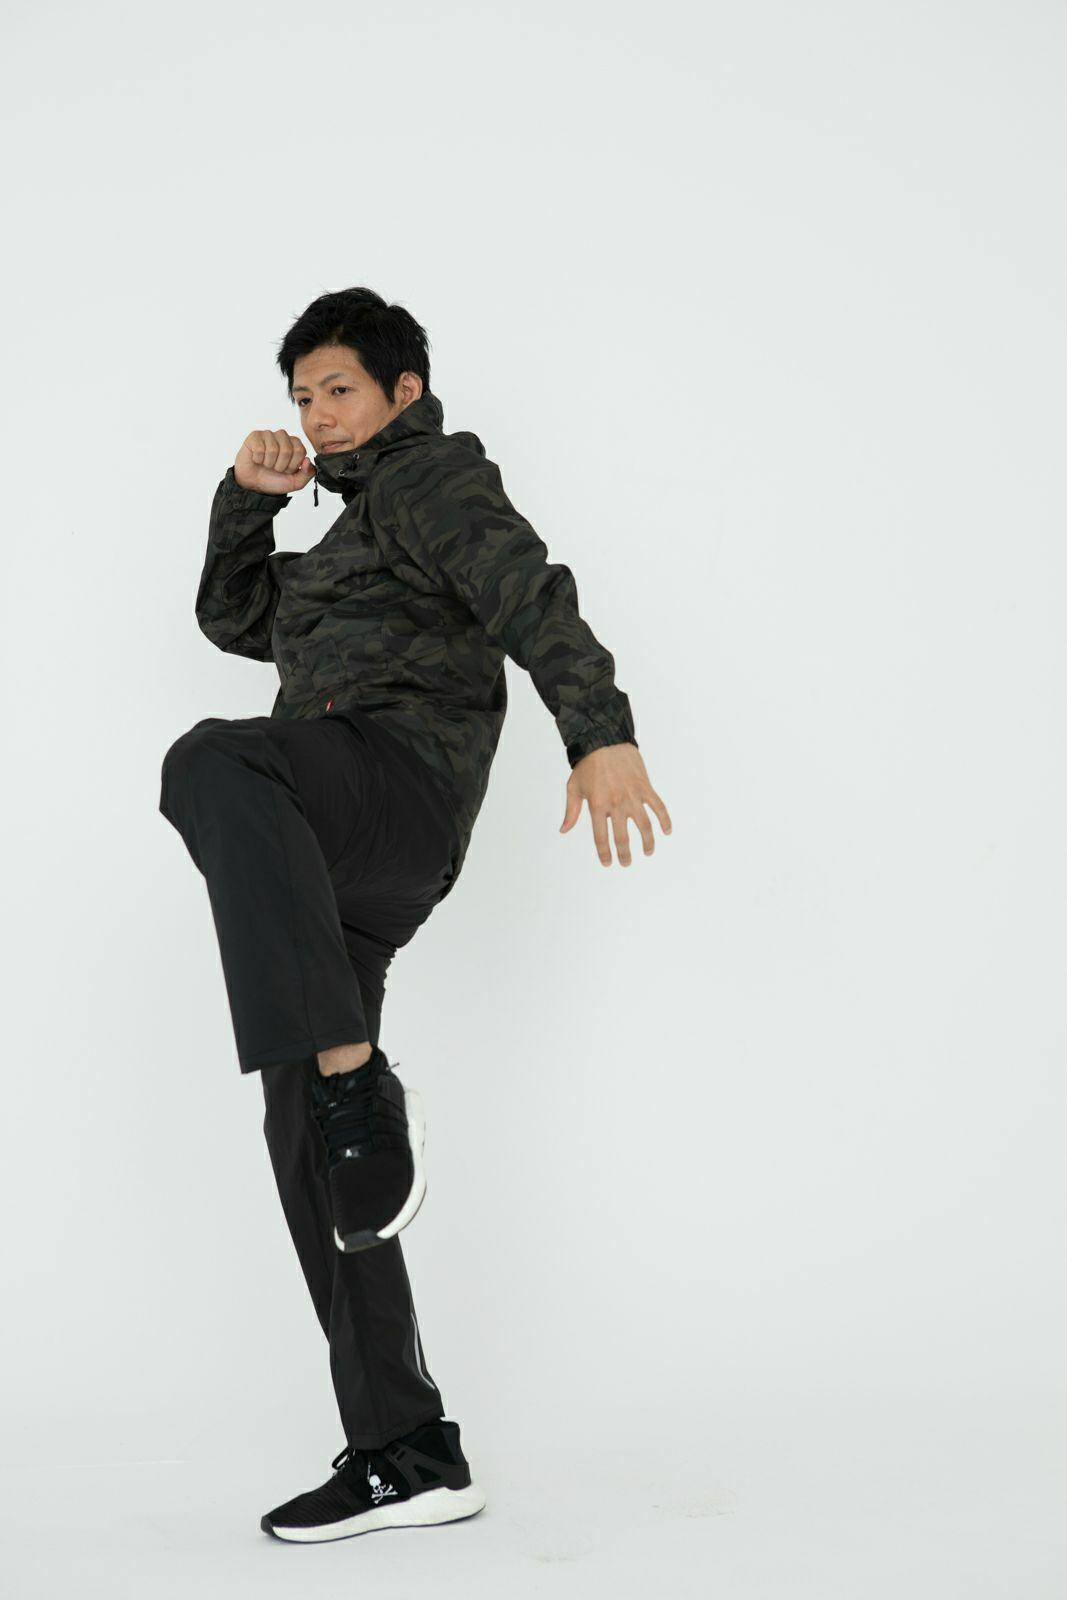 [男性モデルのサイズ]身長:174cm 着用サイズ:L / (上)7570 KJ ストレッチシールド ジャケット L